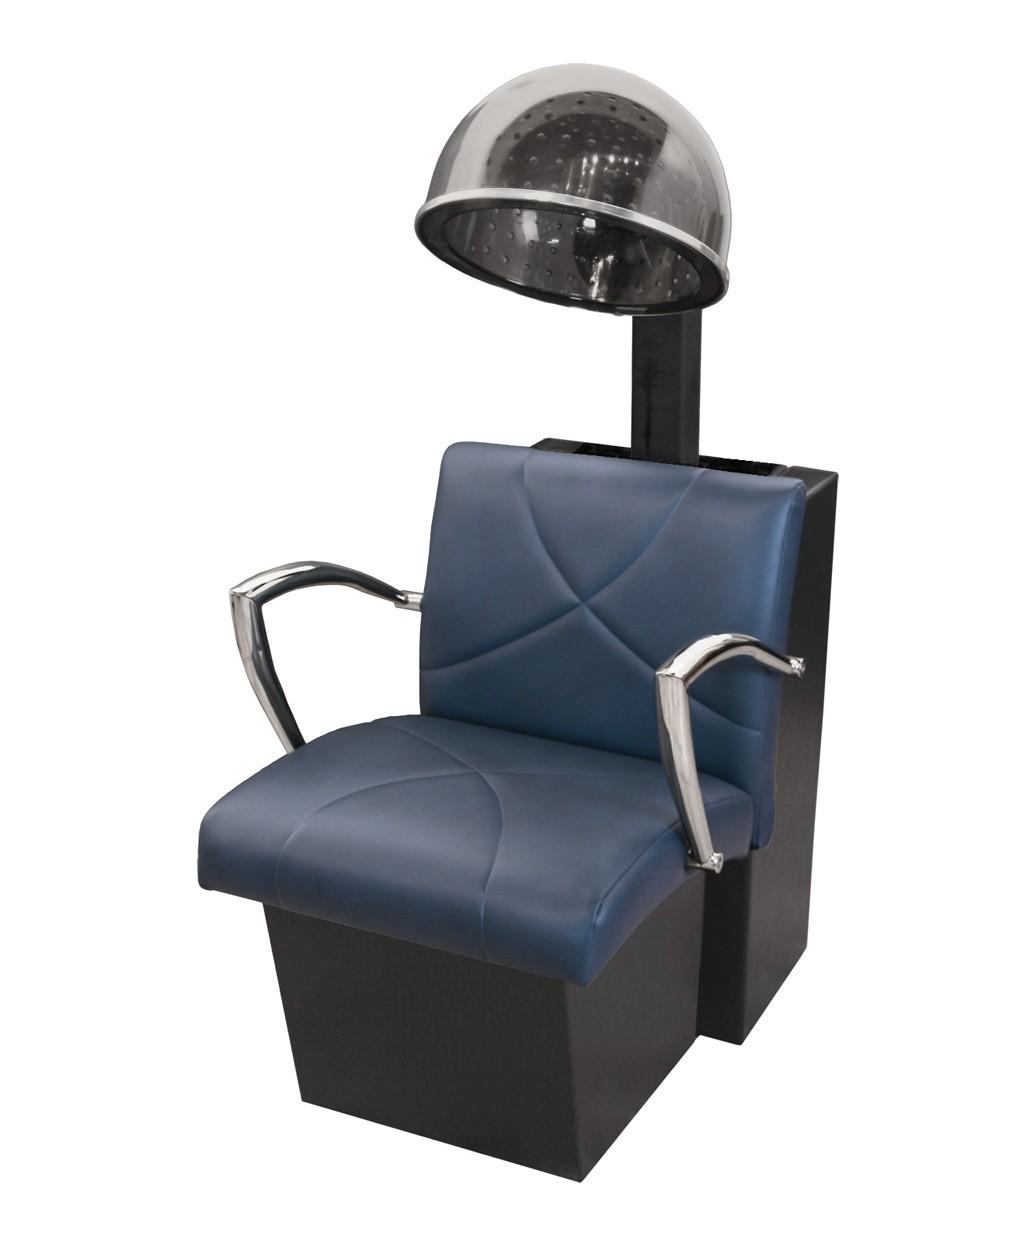 Collins 4920 Callie Dryer Chair